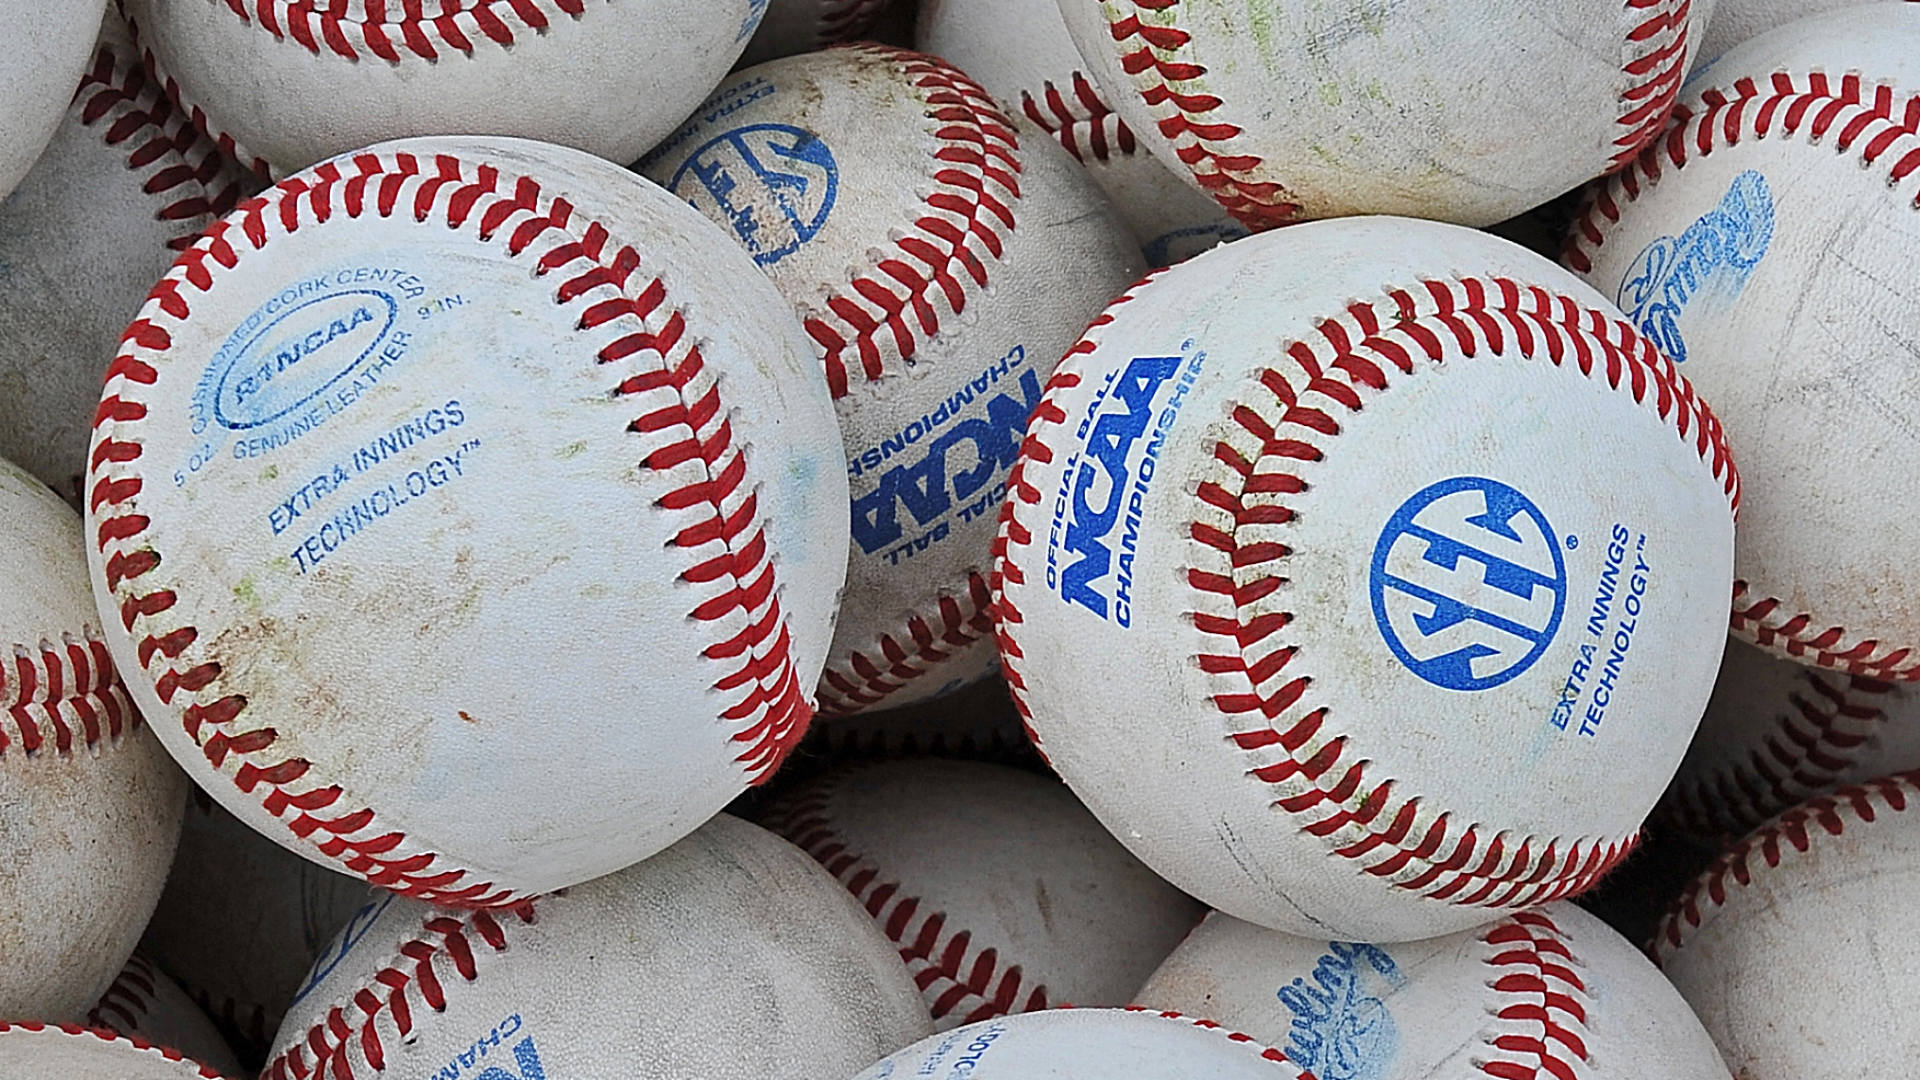 SEC_Baseball-FTR.jpg